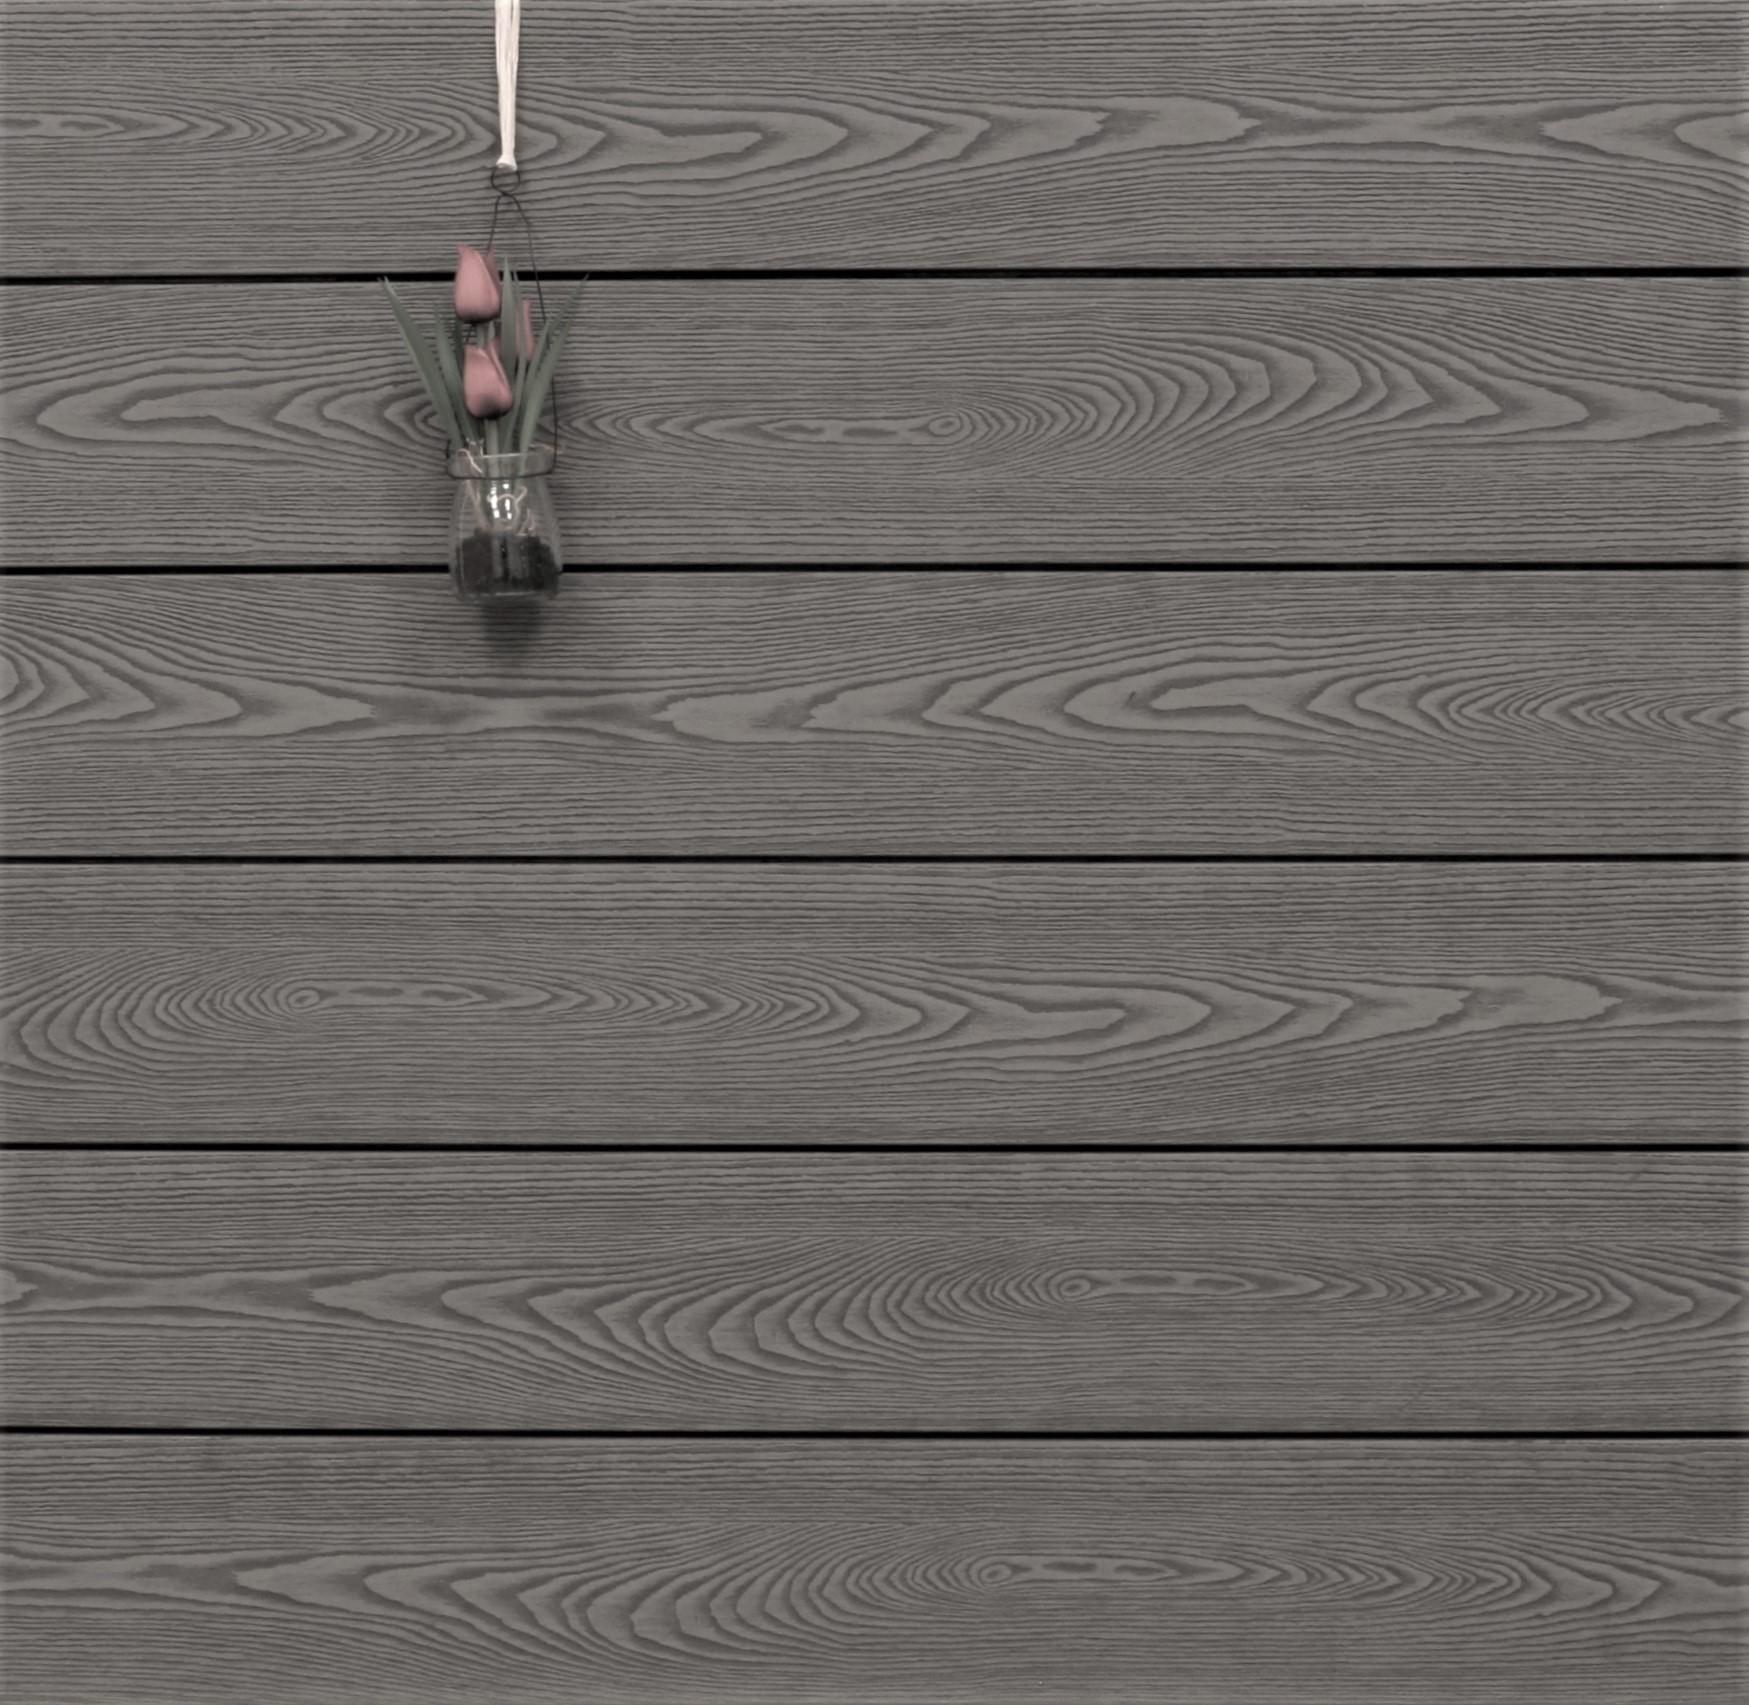 WPC Terrassendielen massiv, Oberfläche mit Struktur in Holzoptik, Farbton grau, Vollprofil, 22 x 143 bis 4800 mm für 7,99 €/lfm